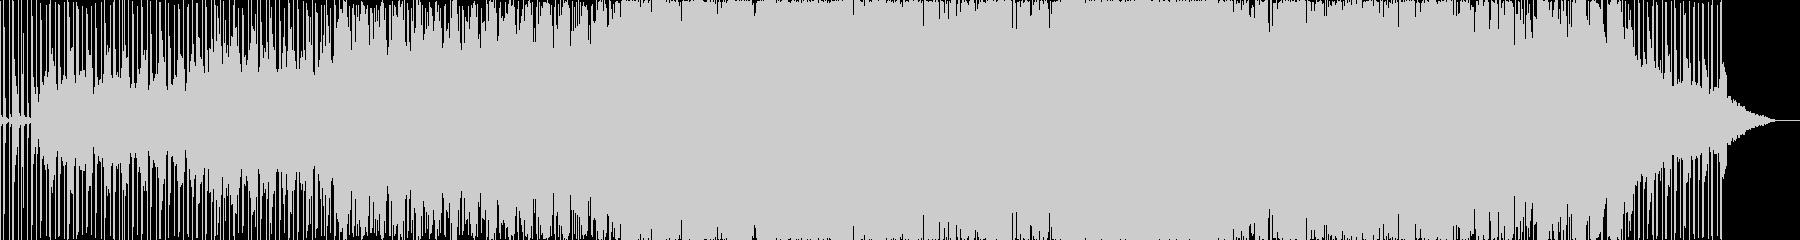 綺麗なシンセ音。ゆったり。アンビエント。の未再生の波形